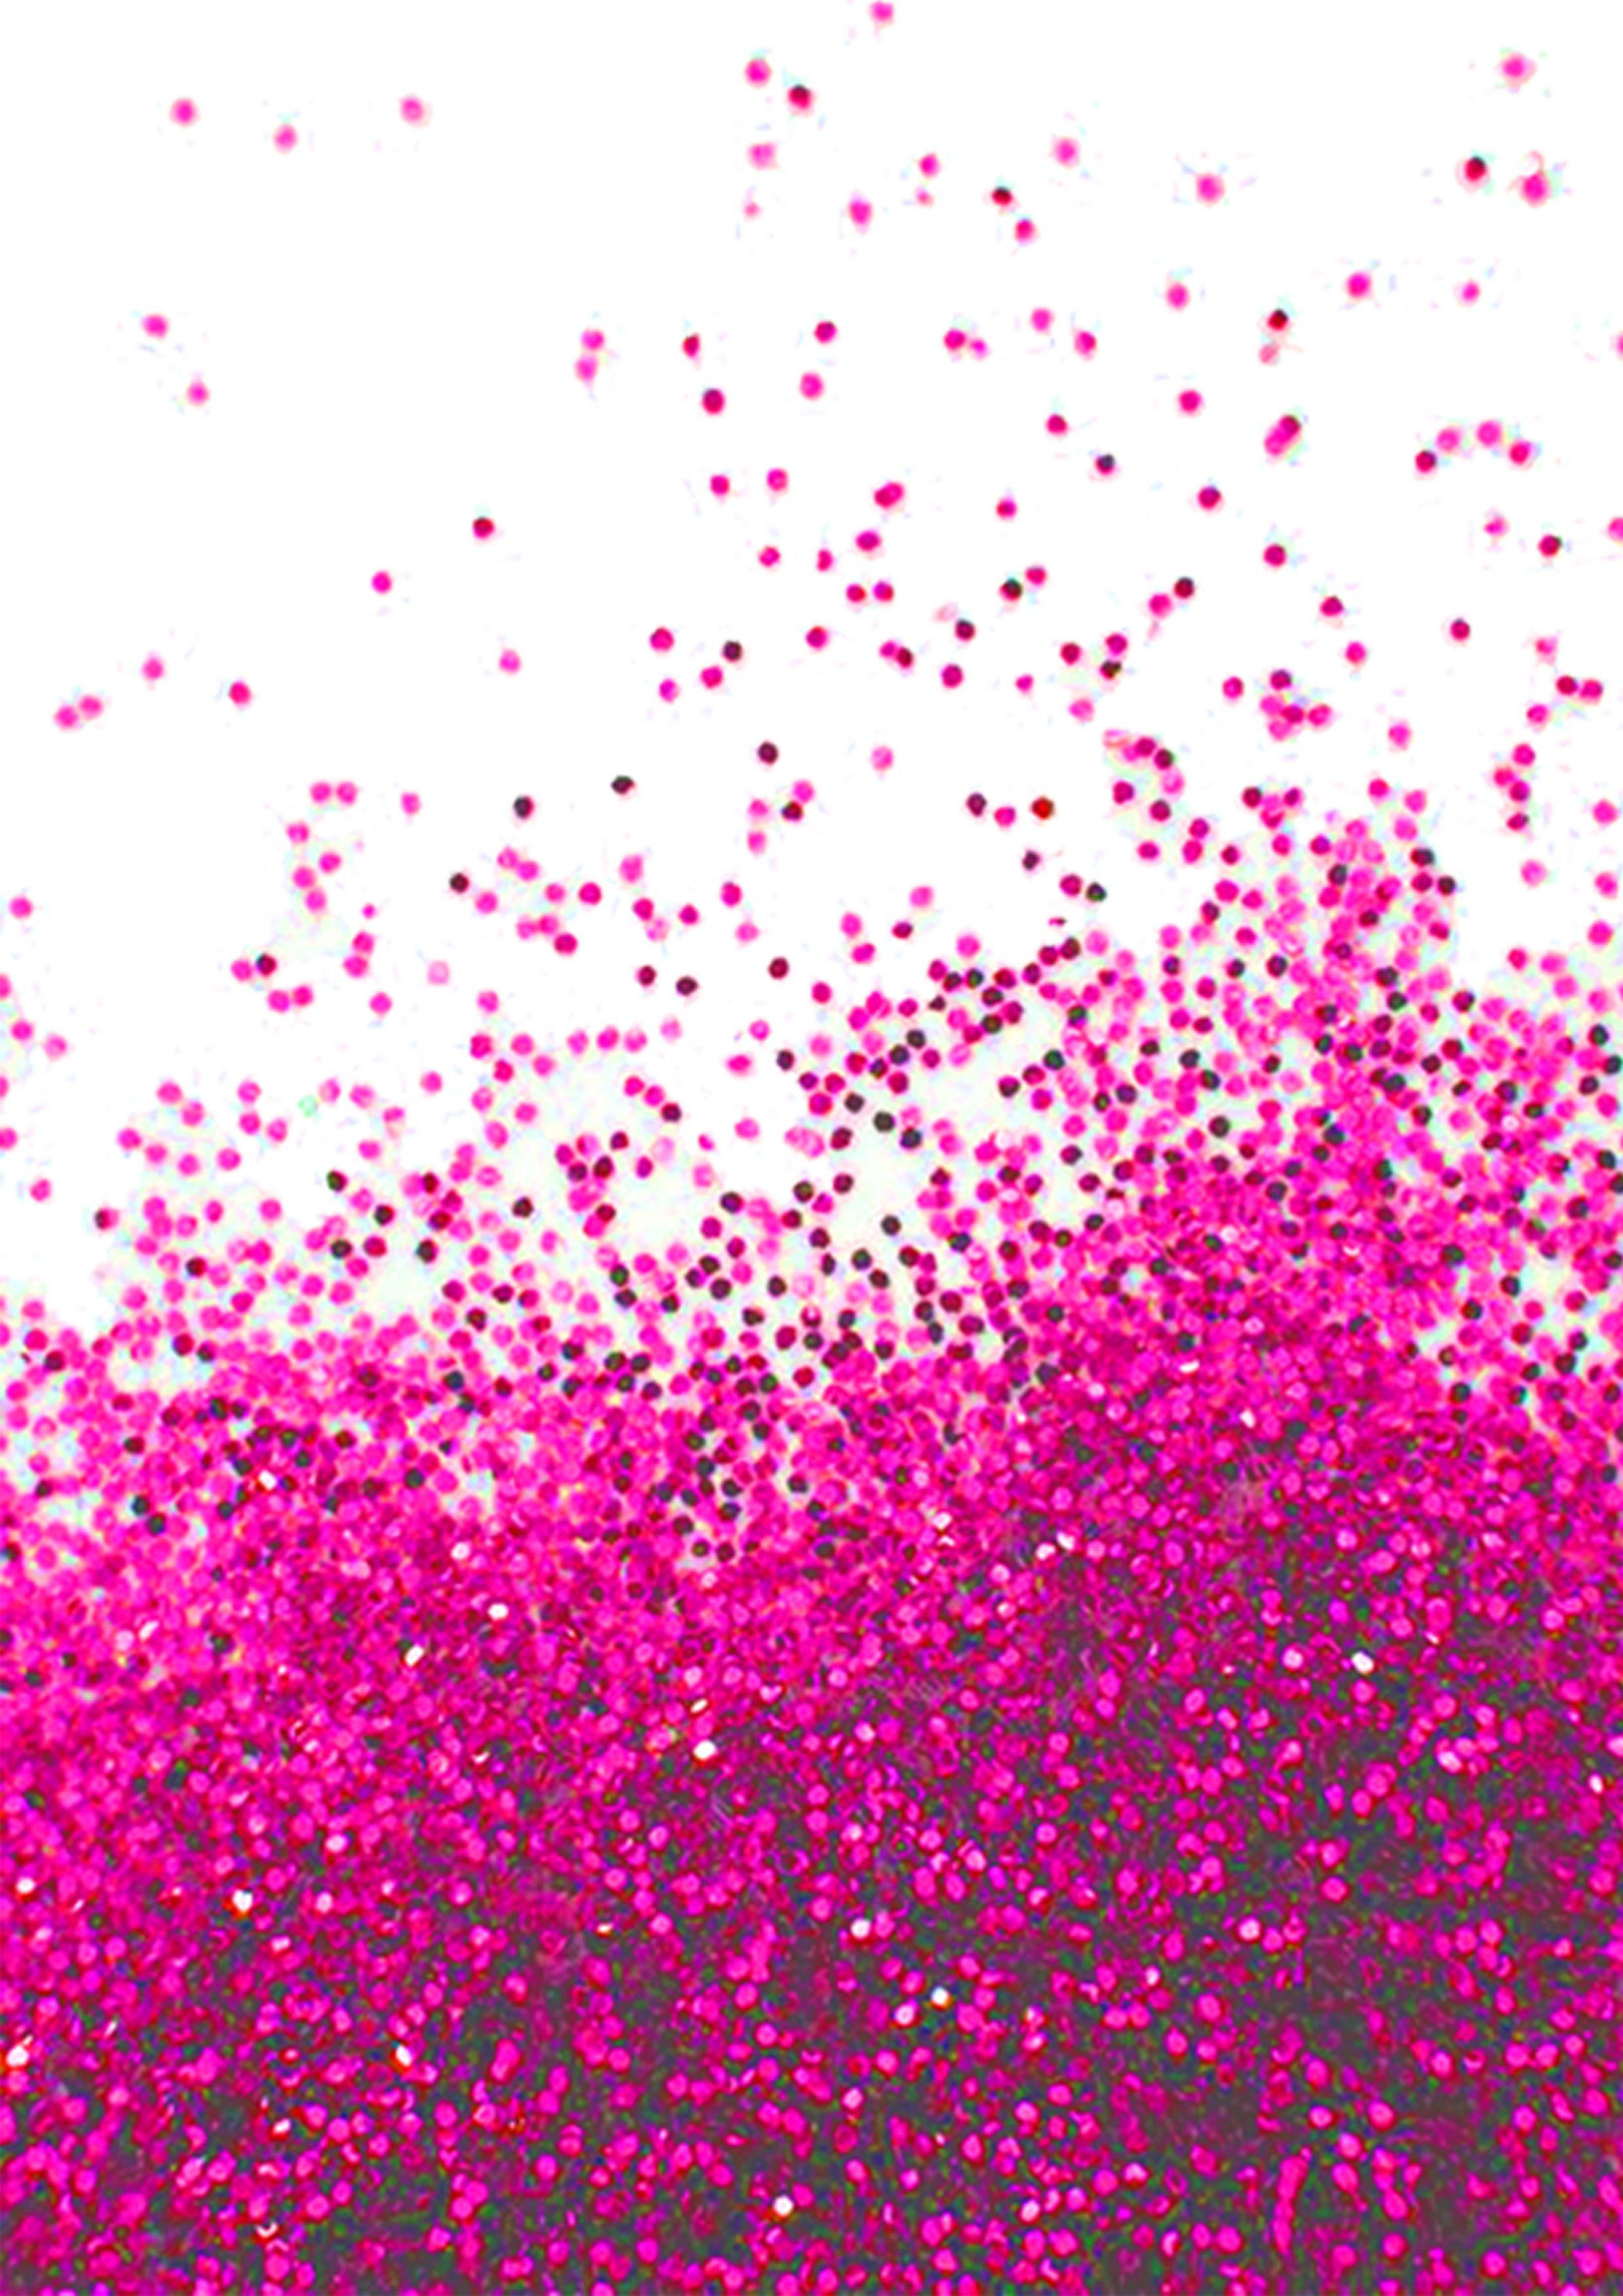 Spilt Glitter Pink Wallpaper Iphone Pretty Wallpaper Iphone Cute Iphone Wallpaper Tumblr